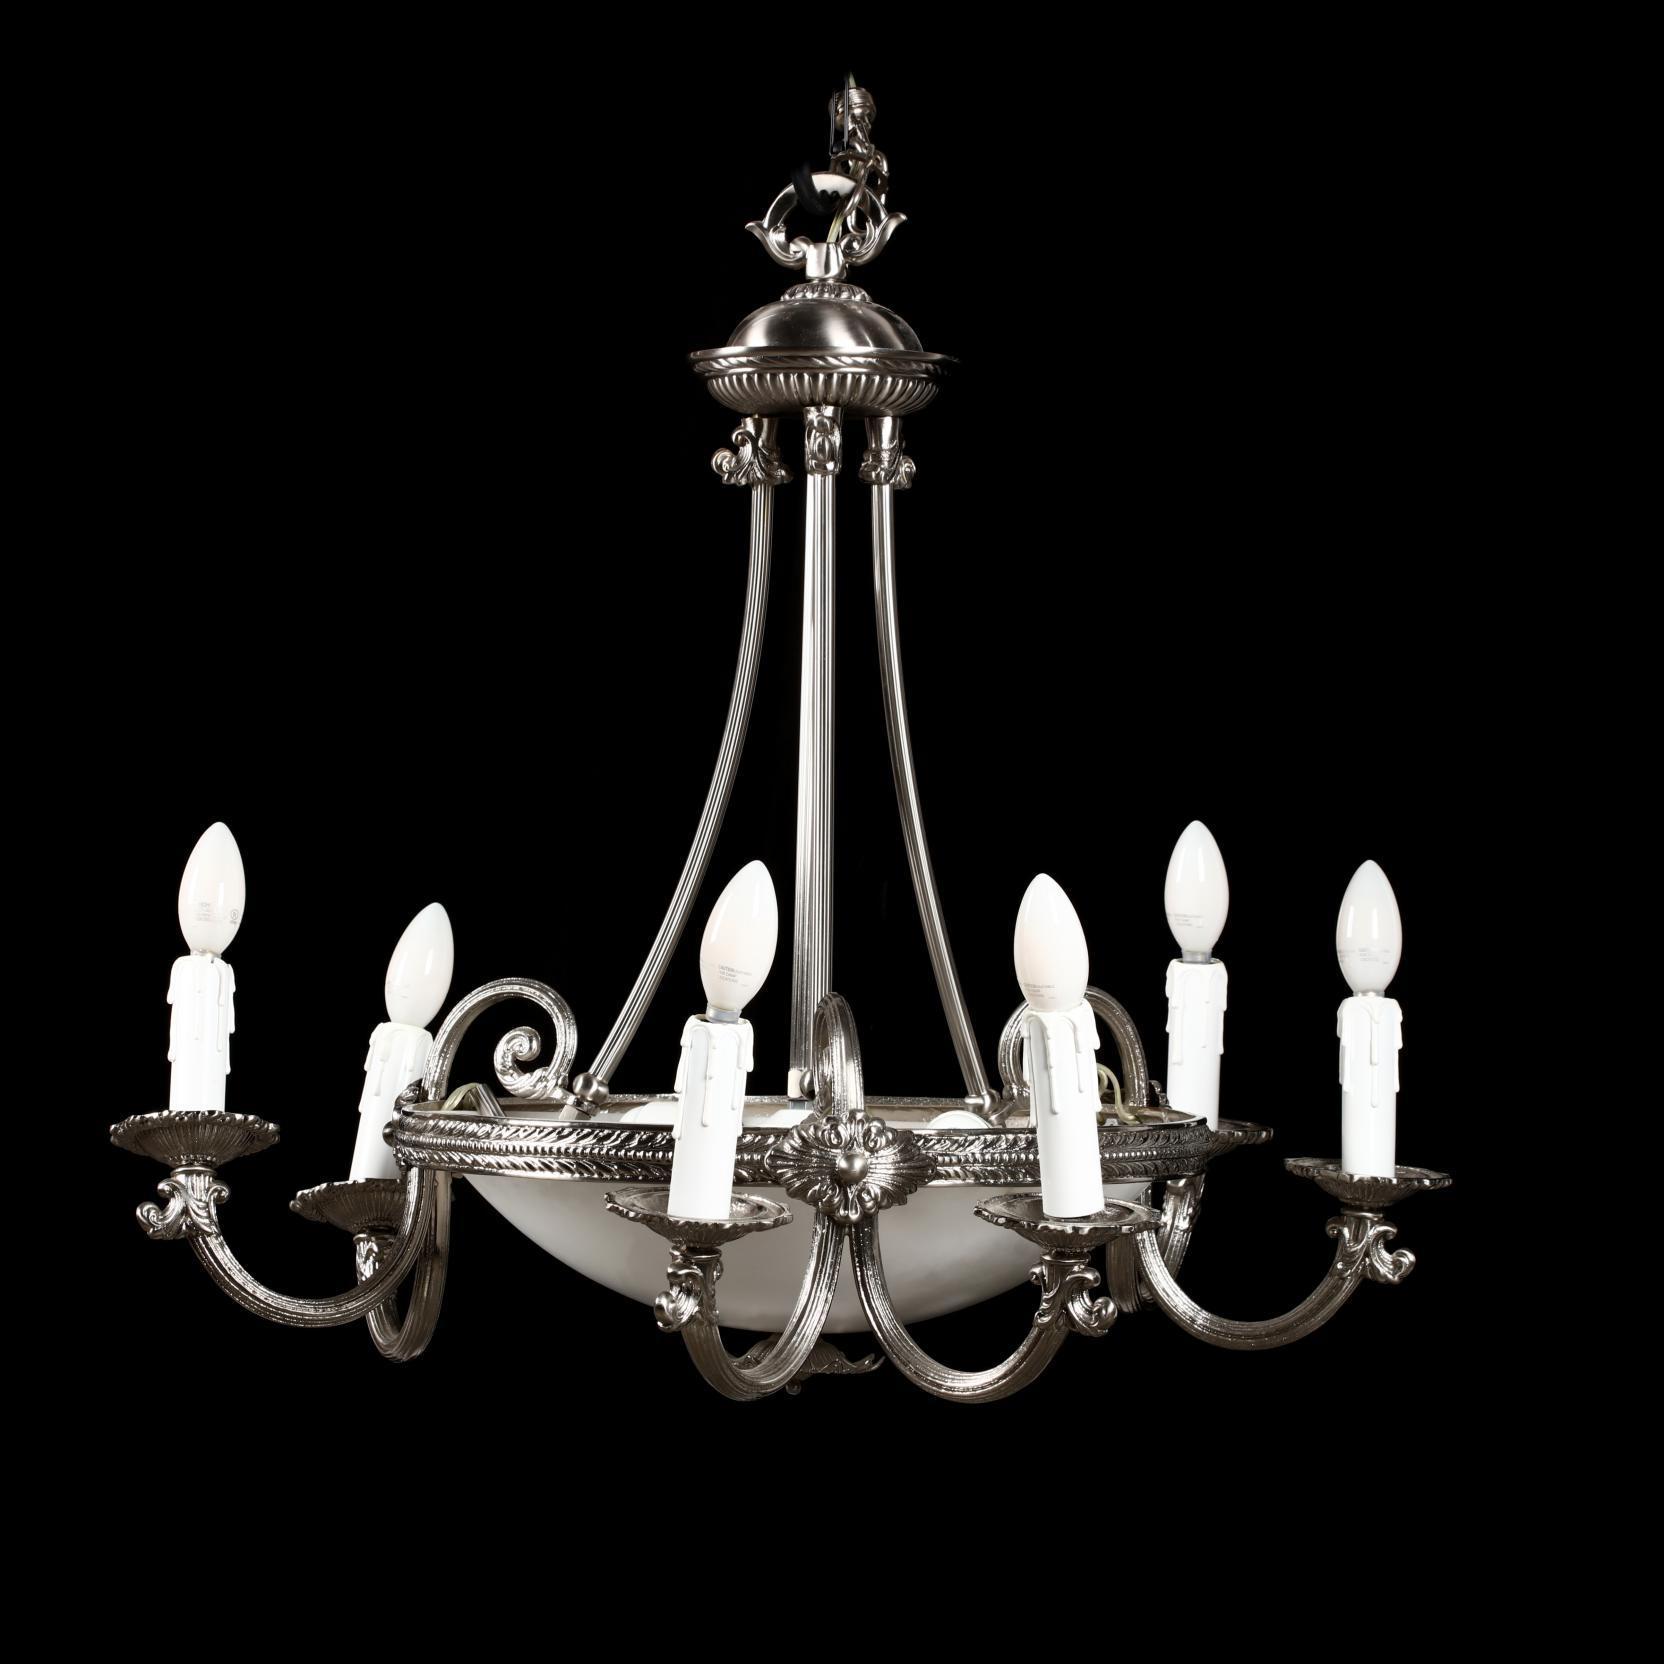 bravada-neoclassical-style-alabaster-chandelier-medium